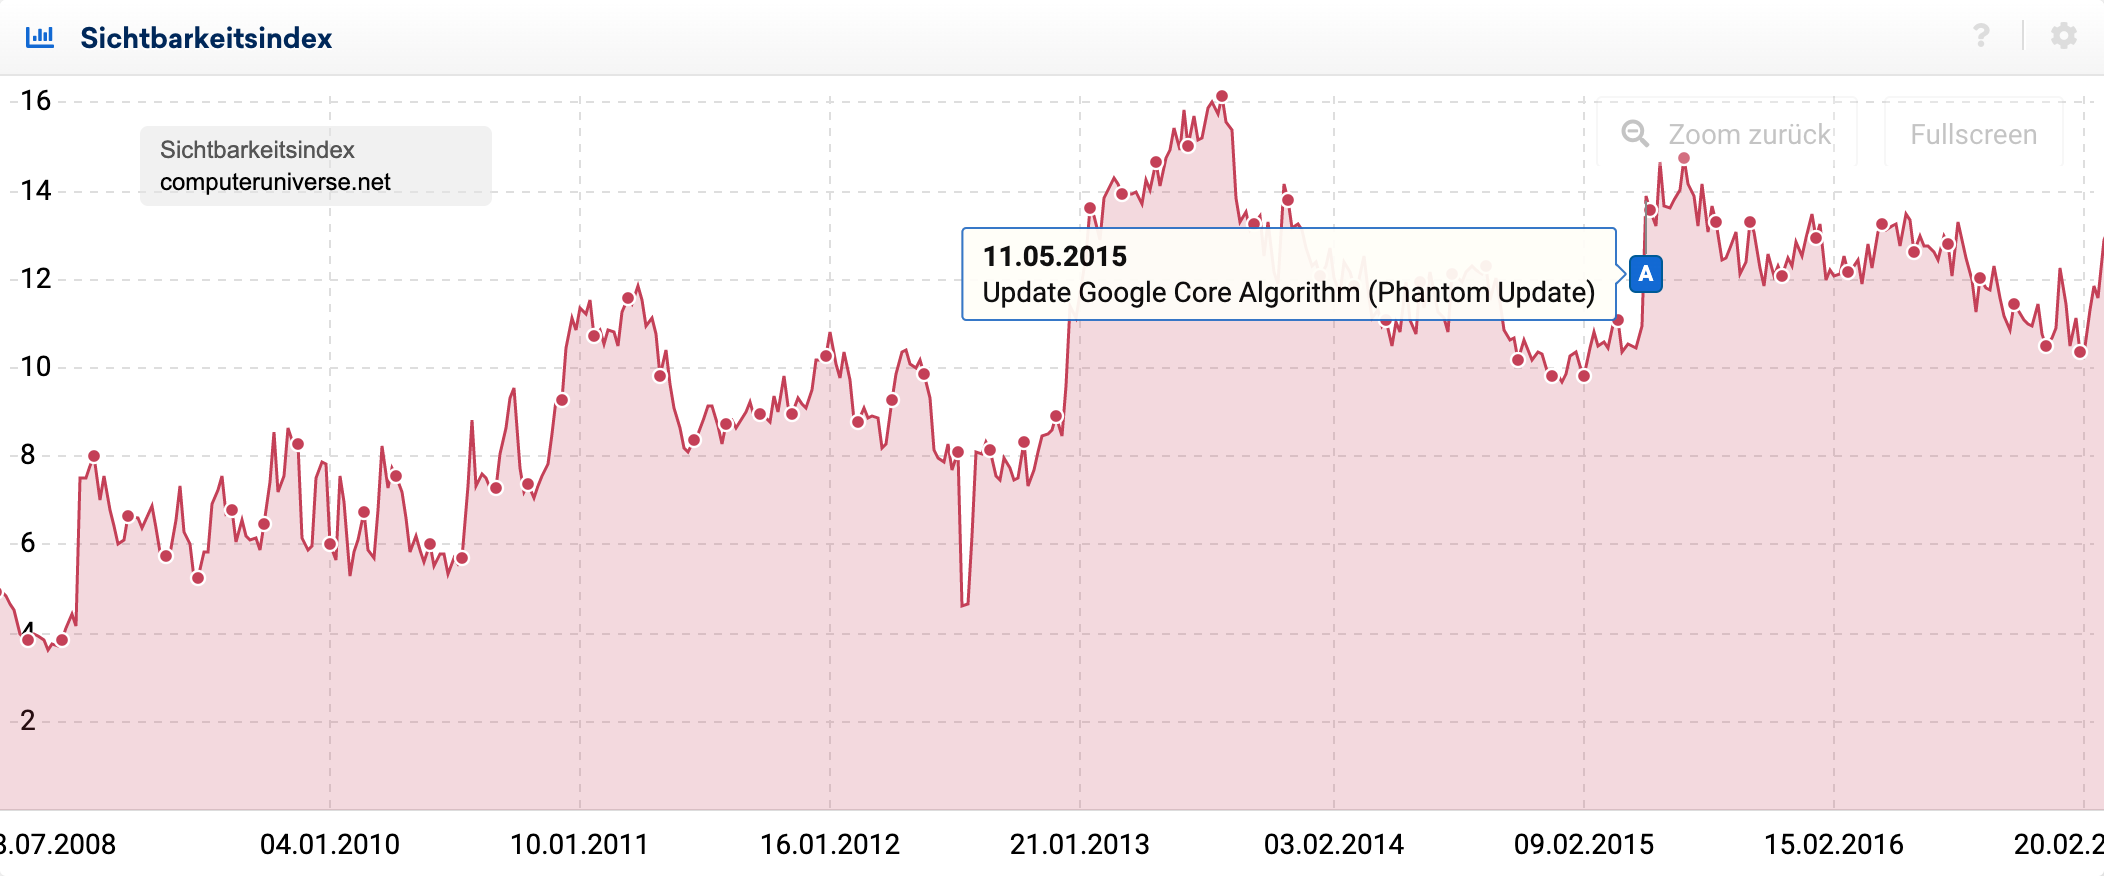 Sichtbarkeitsindex-Verlauf der Domain computeruniverse.net im Zeitraum zwischen November 2008 und Februar 2017.  Der Sichtbarkeitsindex ist zu Beginn bei ca. 4 Punkten, steigt bis Januar 2013 auf 16 Punkte an, sinkt bis Februar 2015 auf 10 Punkte und steigt am 11.05.2015 wieder auf ca 14 Punkte an.